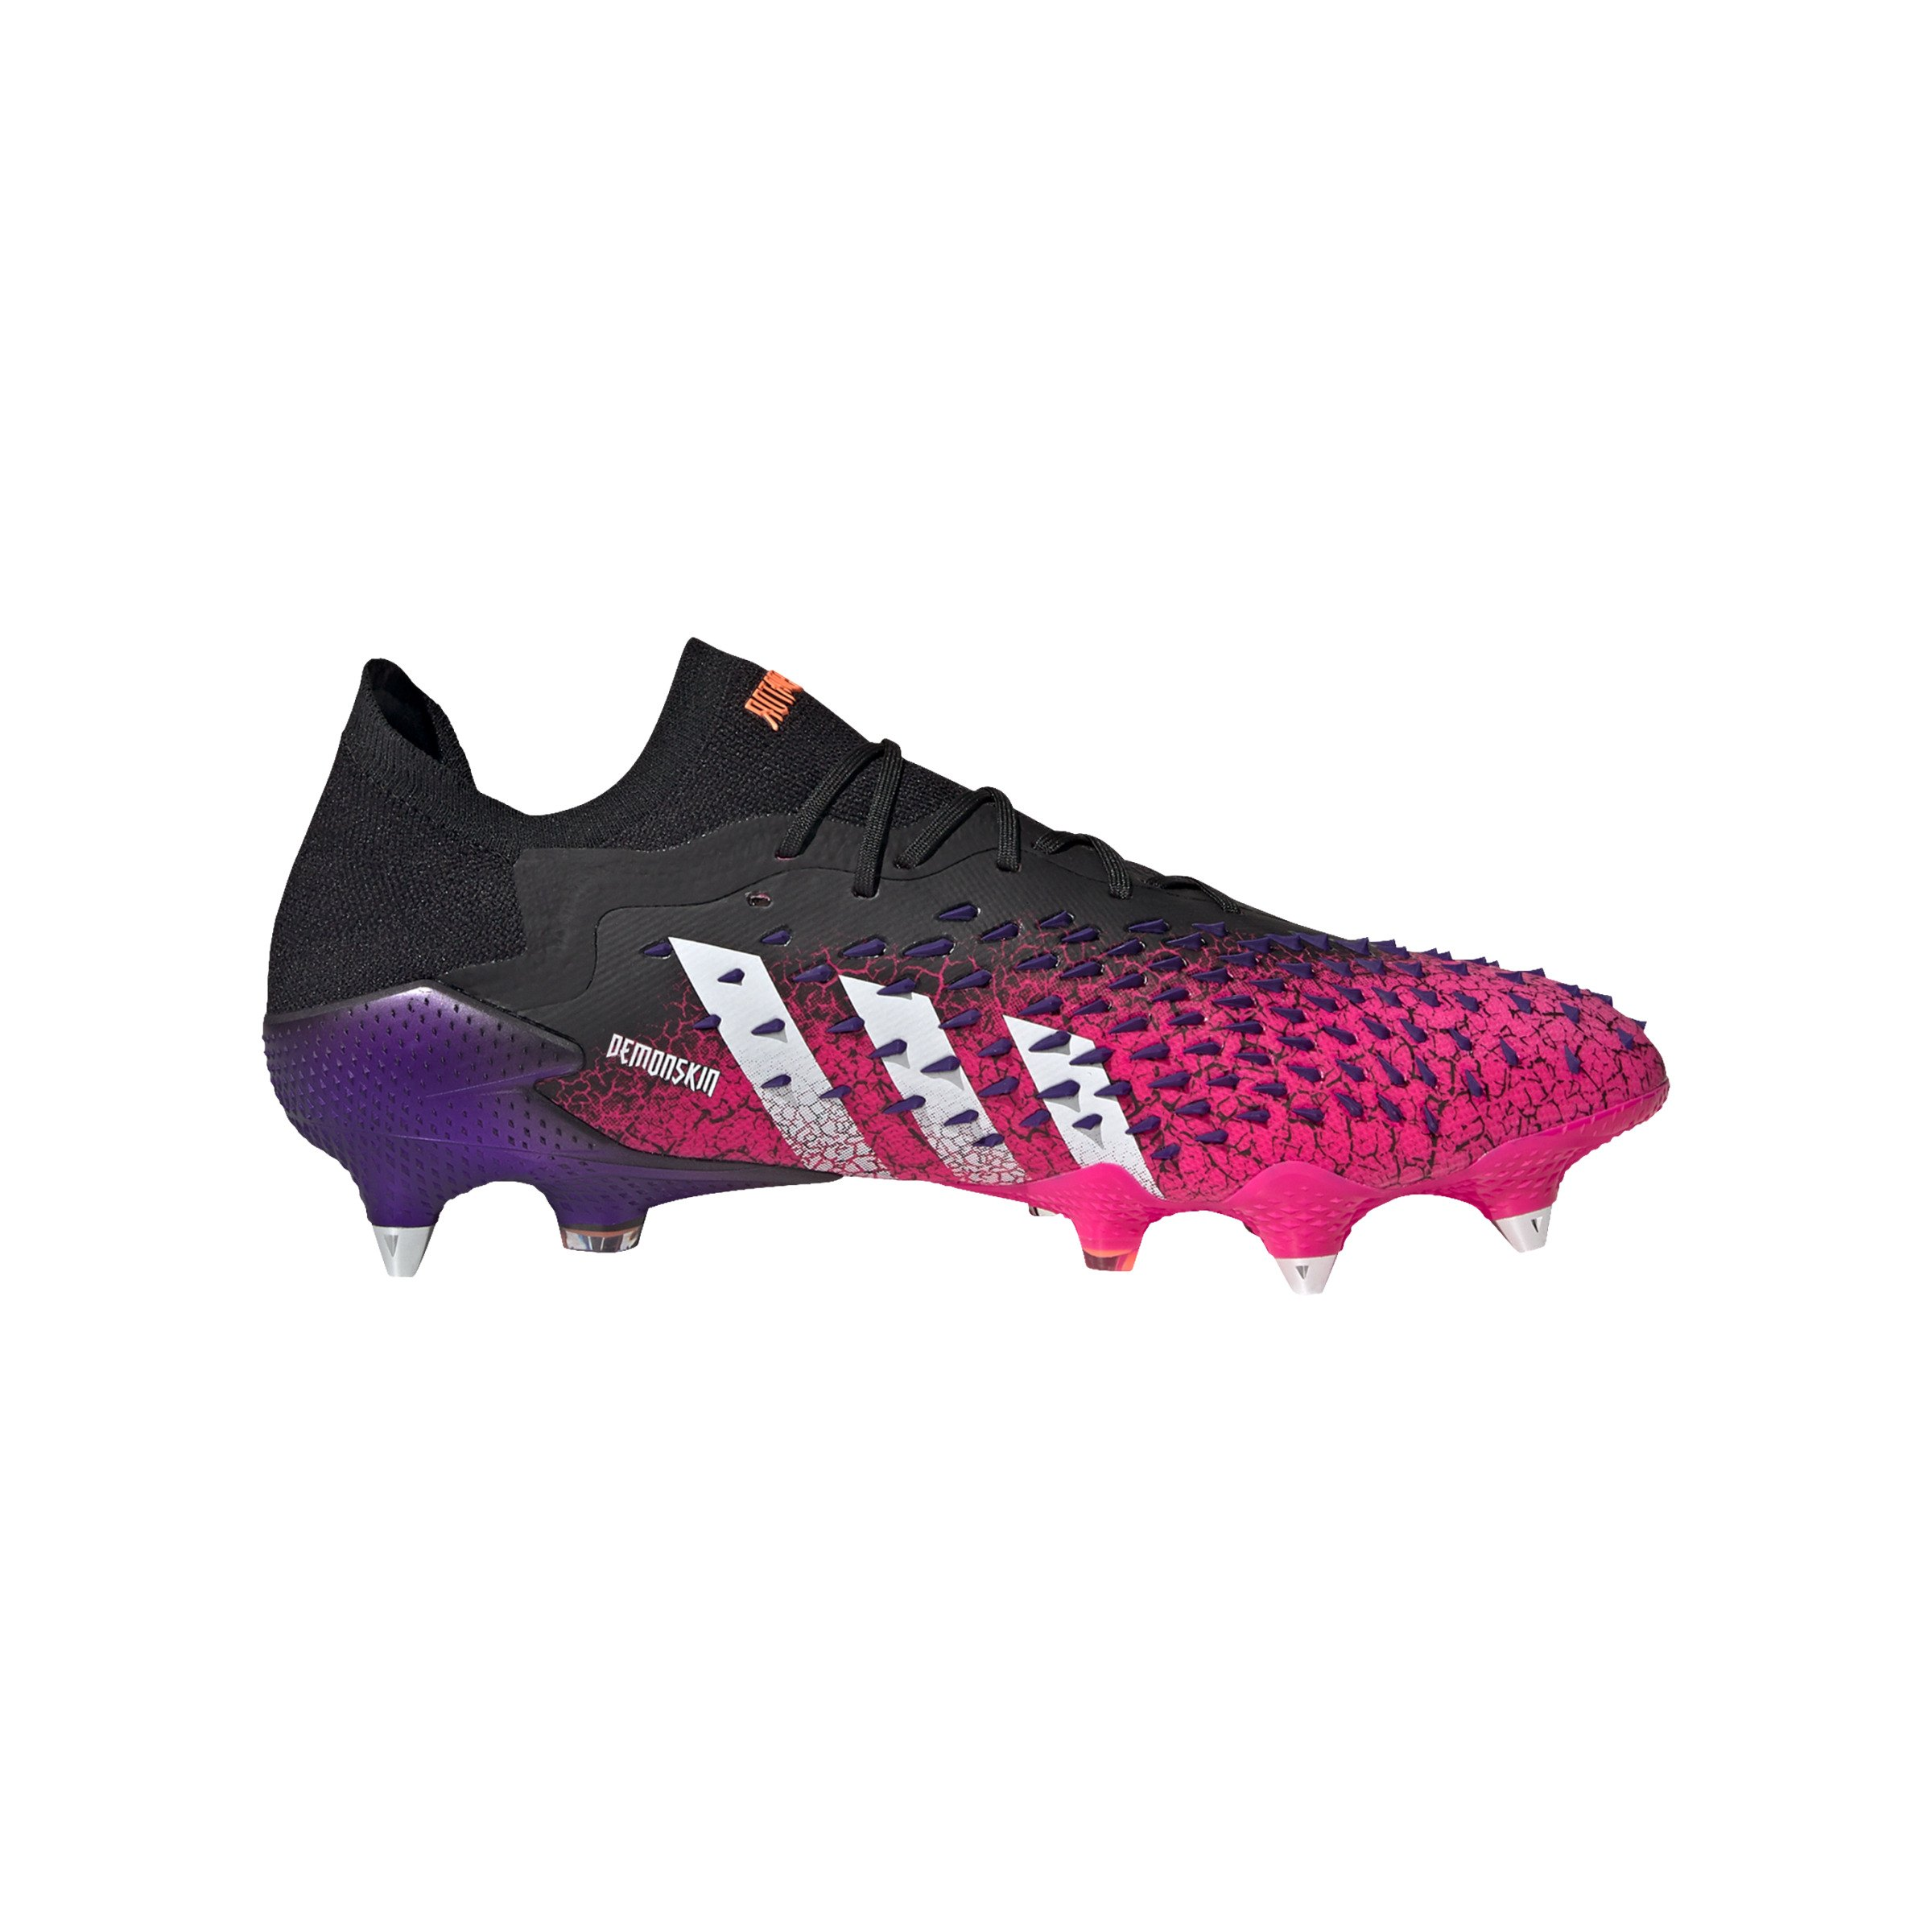 adidas Predator FREAK.1 L SG Schwarz Weiss Pink - schwarz